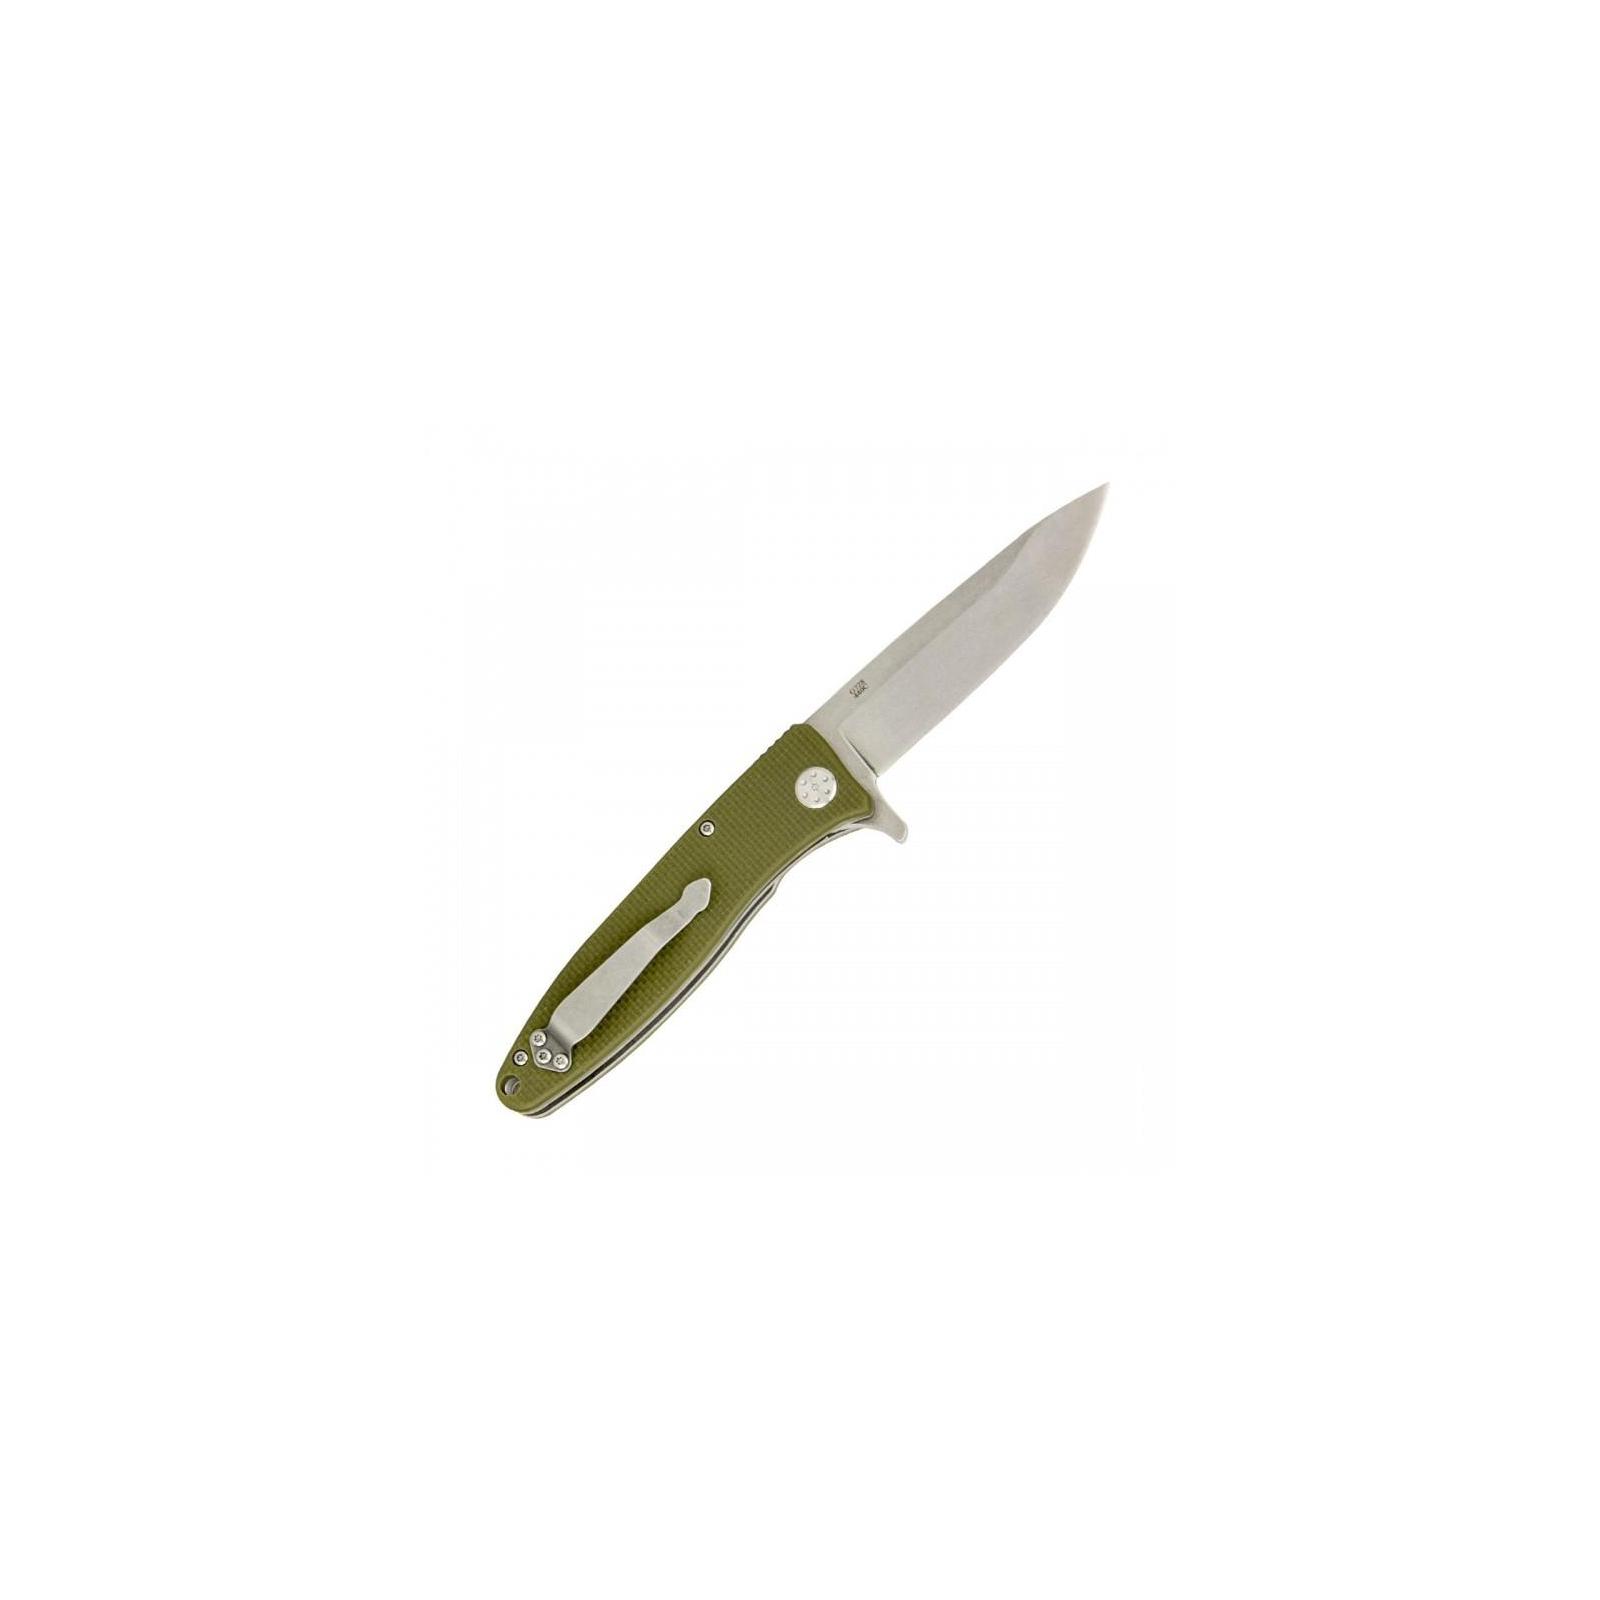 Нож Ganzo G728-OR, оранжевый (G728-OR) изображение 2